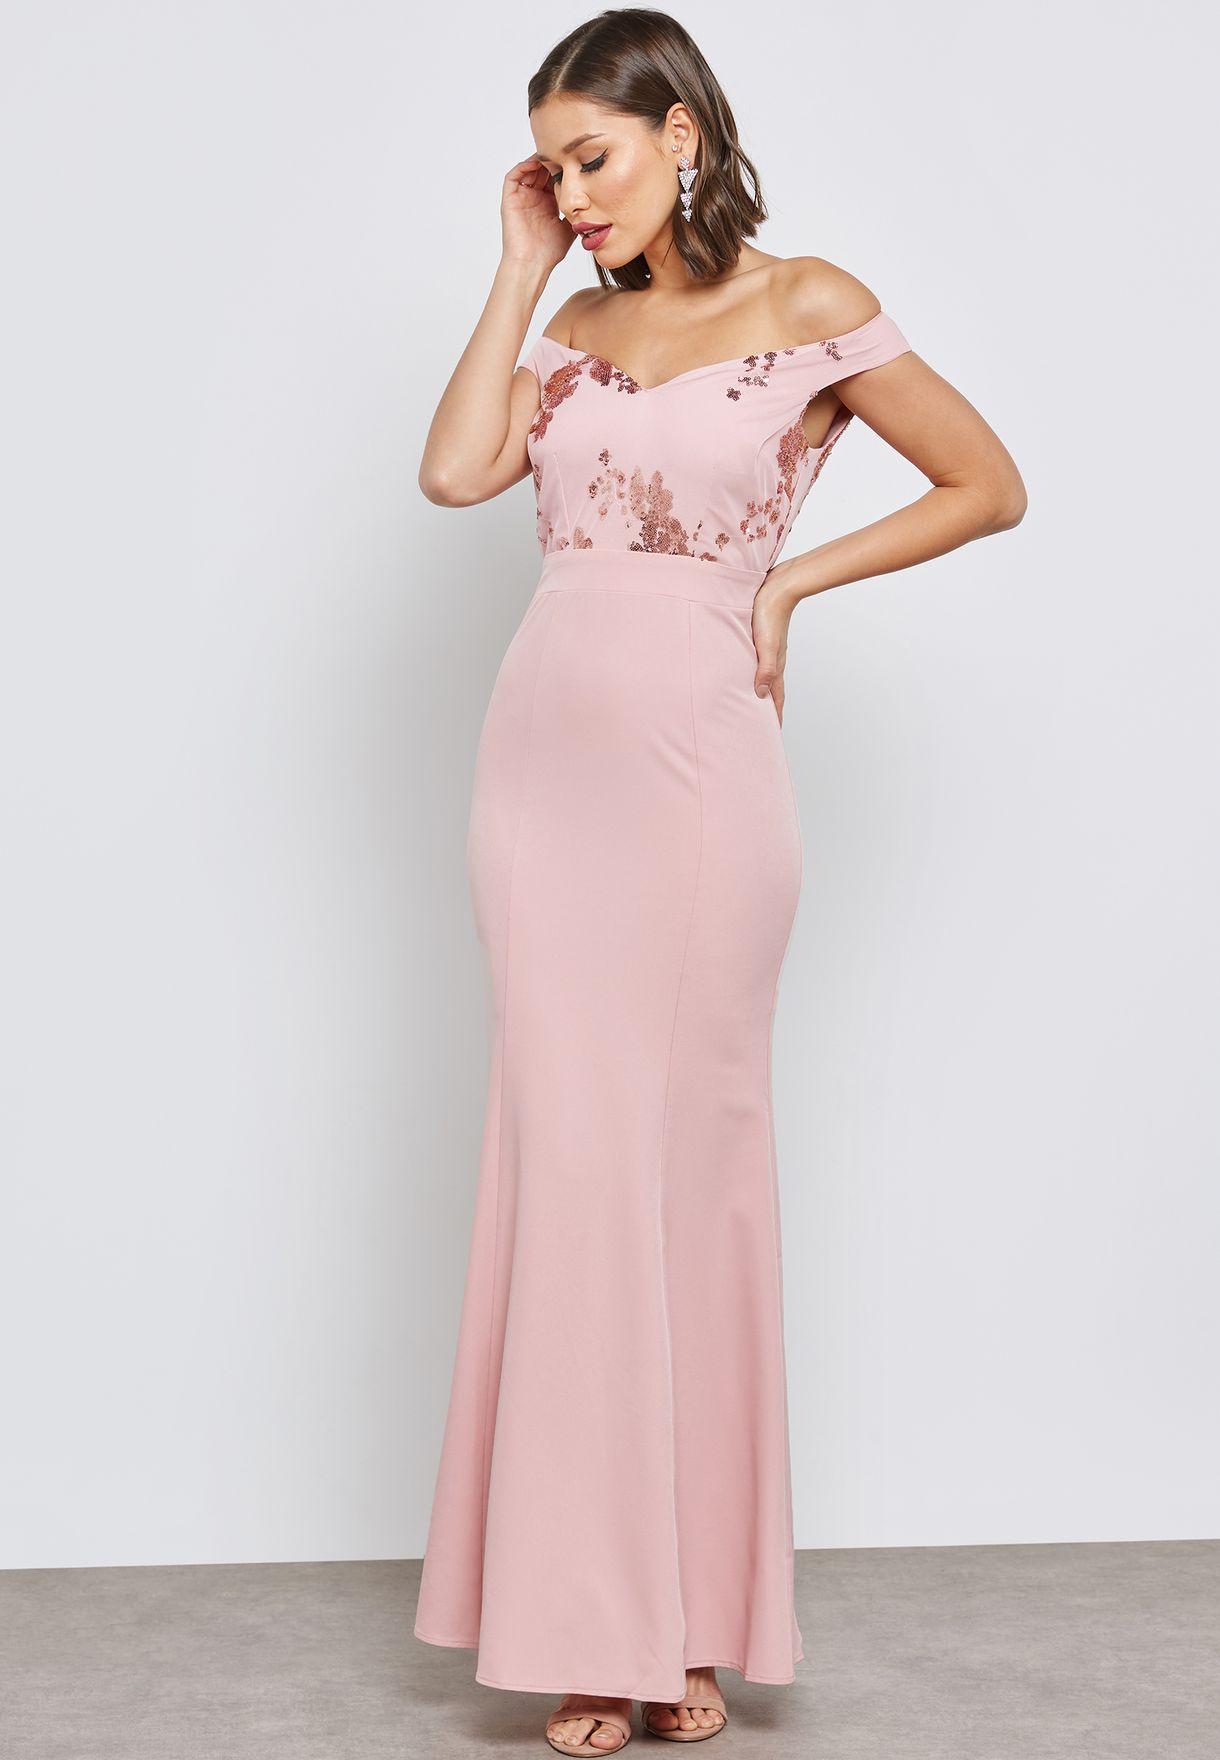 Embellished Bardot Dress